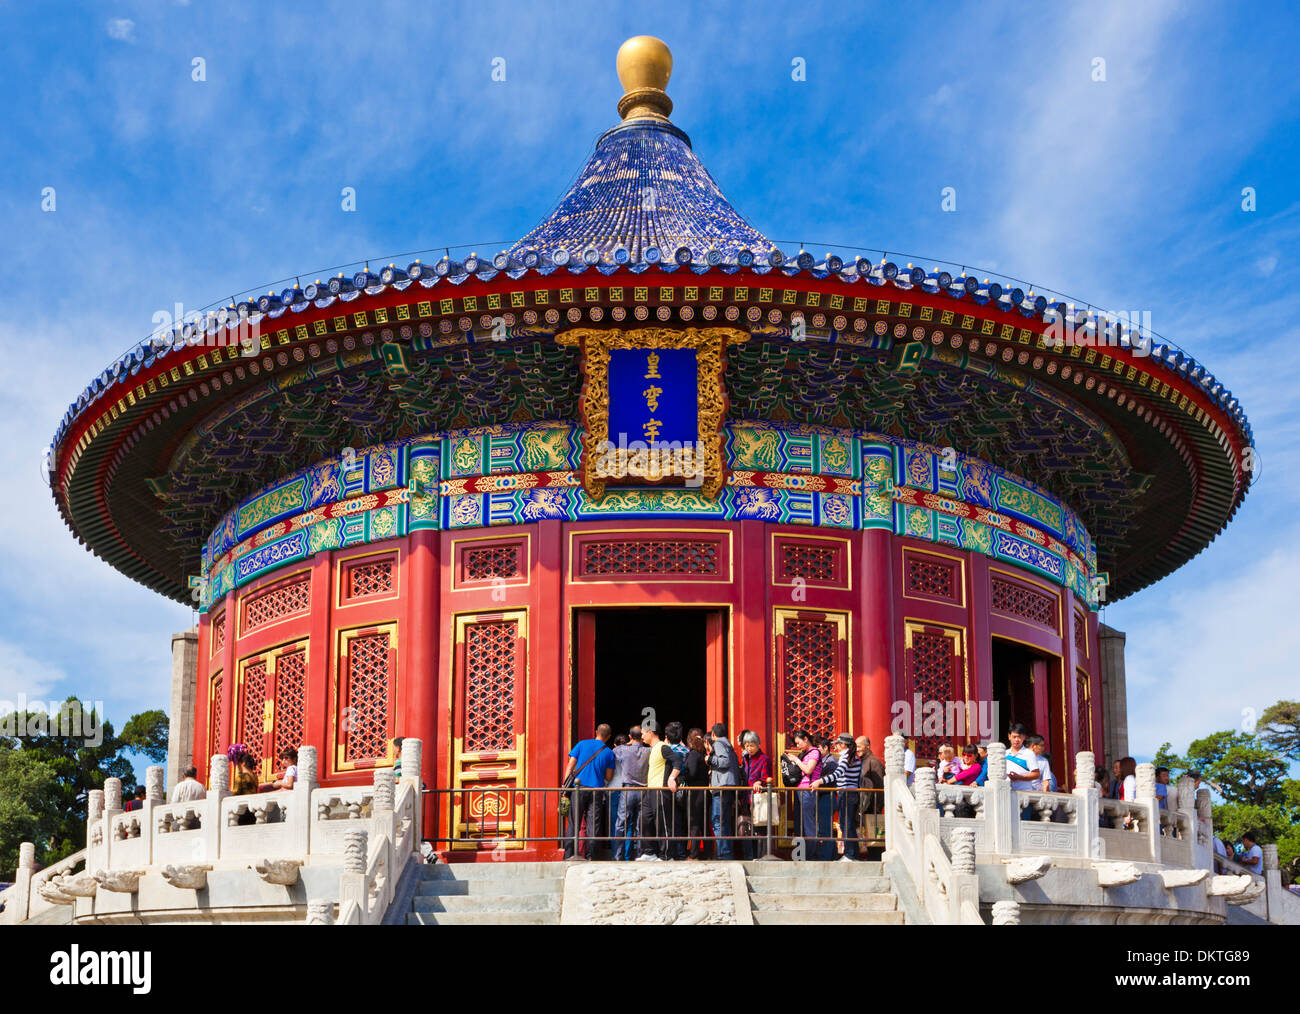 Tian Tan, Himmelstempel, Imperial Gewölbe des Himmels, Peking, VR China, Volksrepublik China, Asien Stockbild